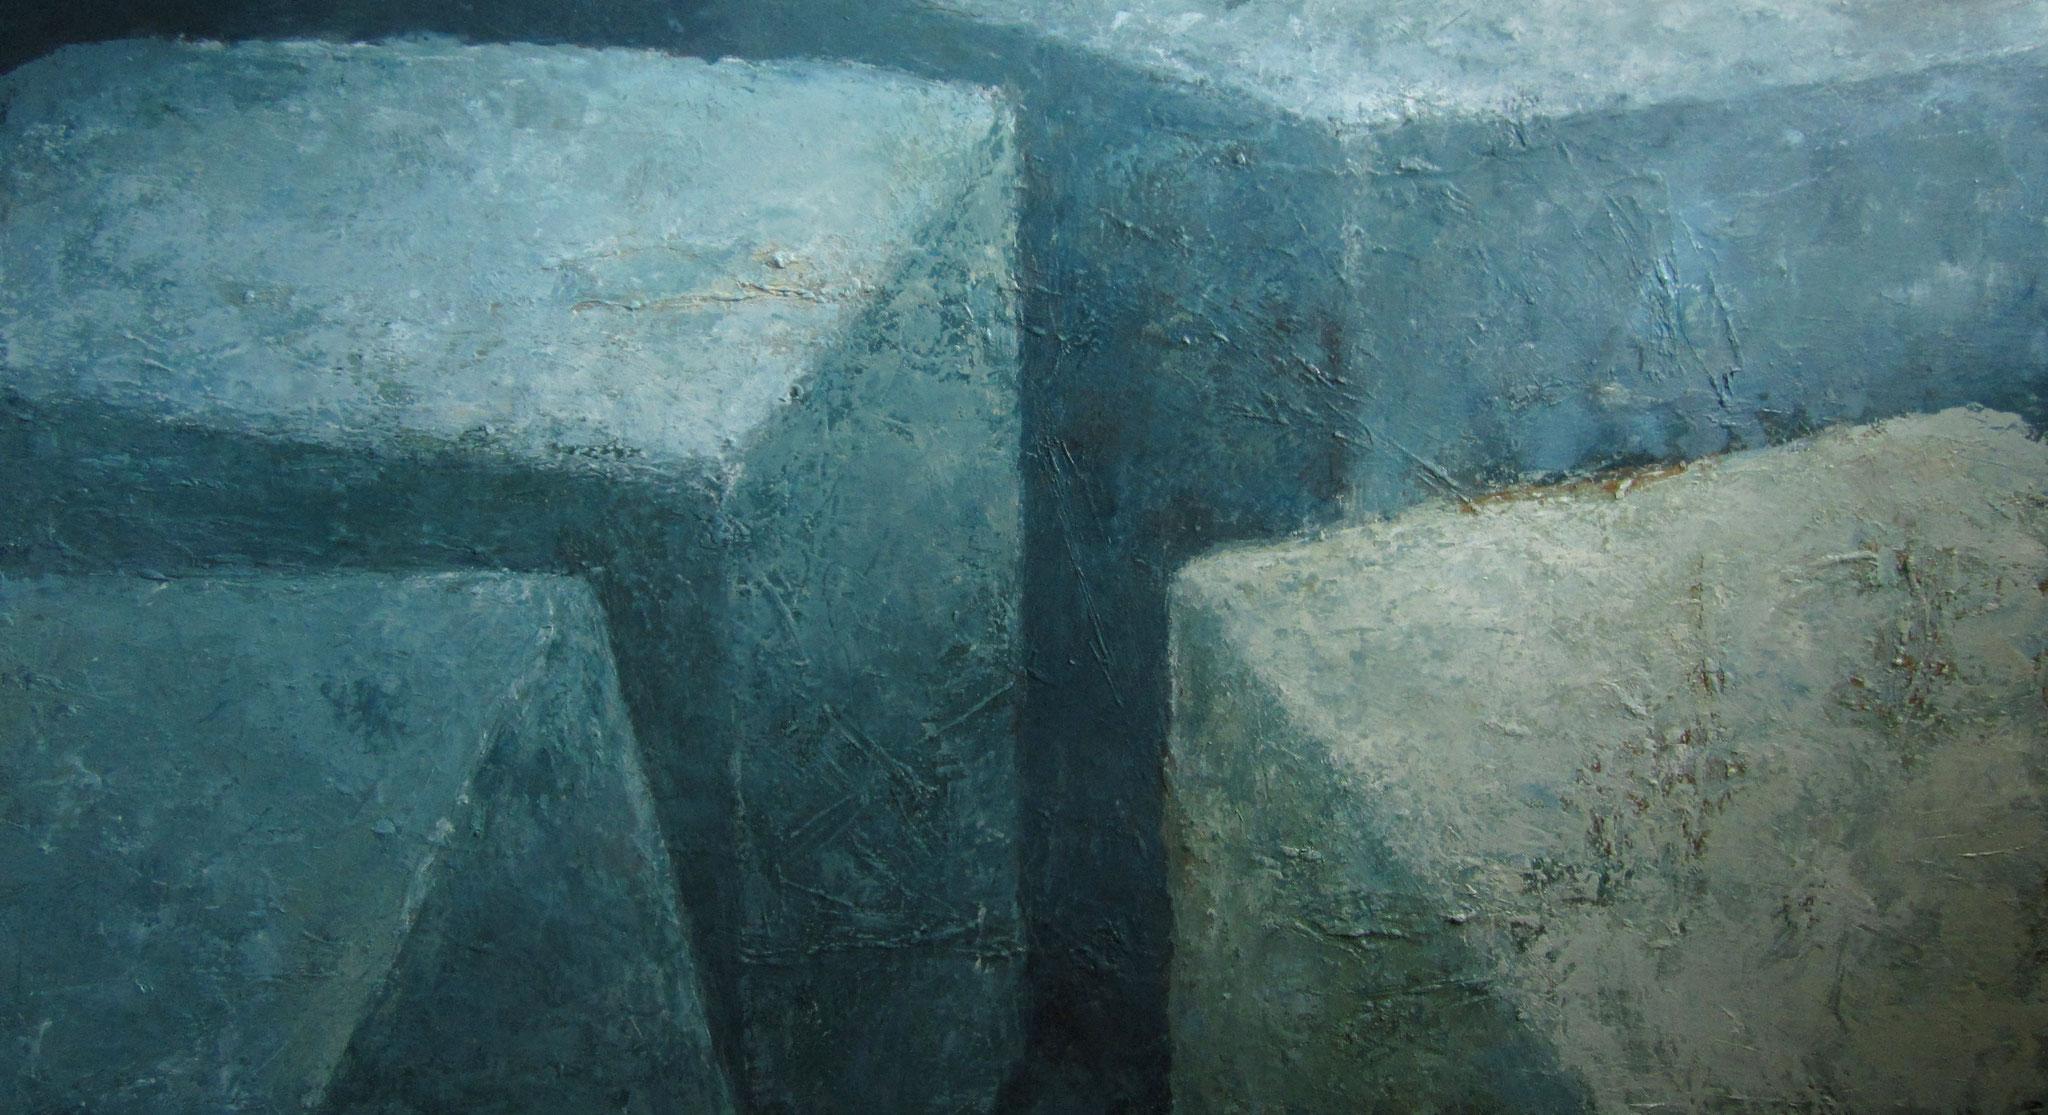 Blauwe stenen - 2017 - 100 x 180cm - oil on canvas